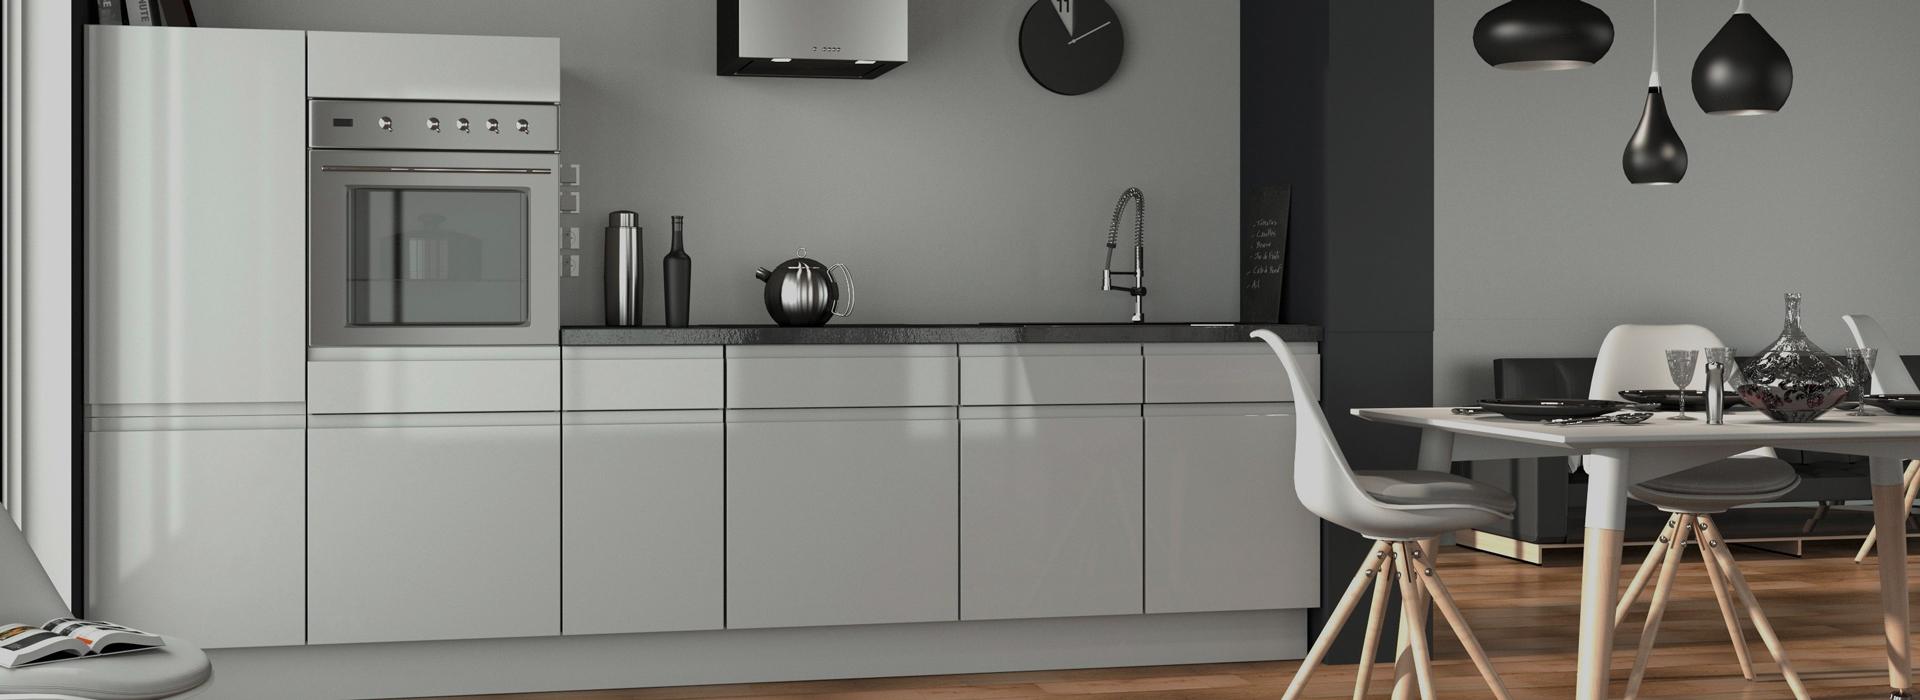 Les cuisines am nag es sans poign e pour un design aux - Comment ouvrir une porte sans poignee ...